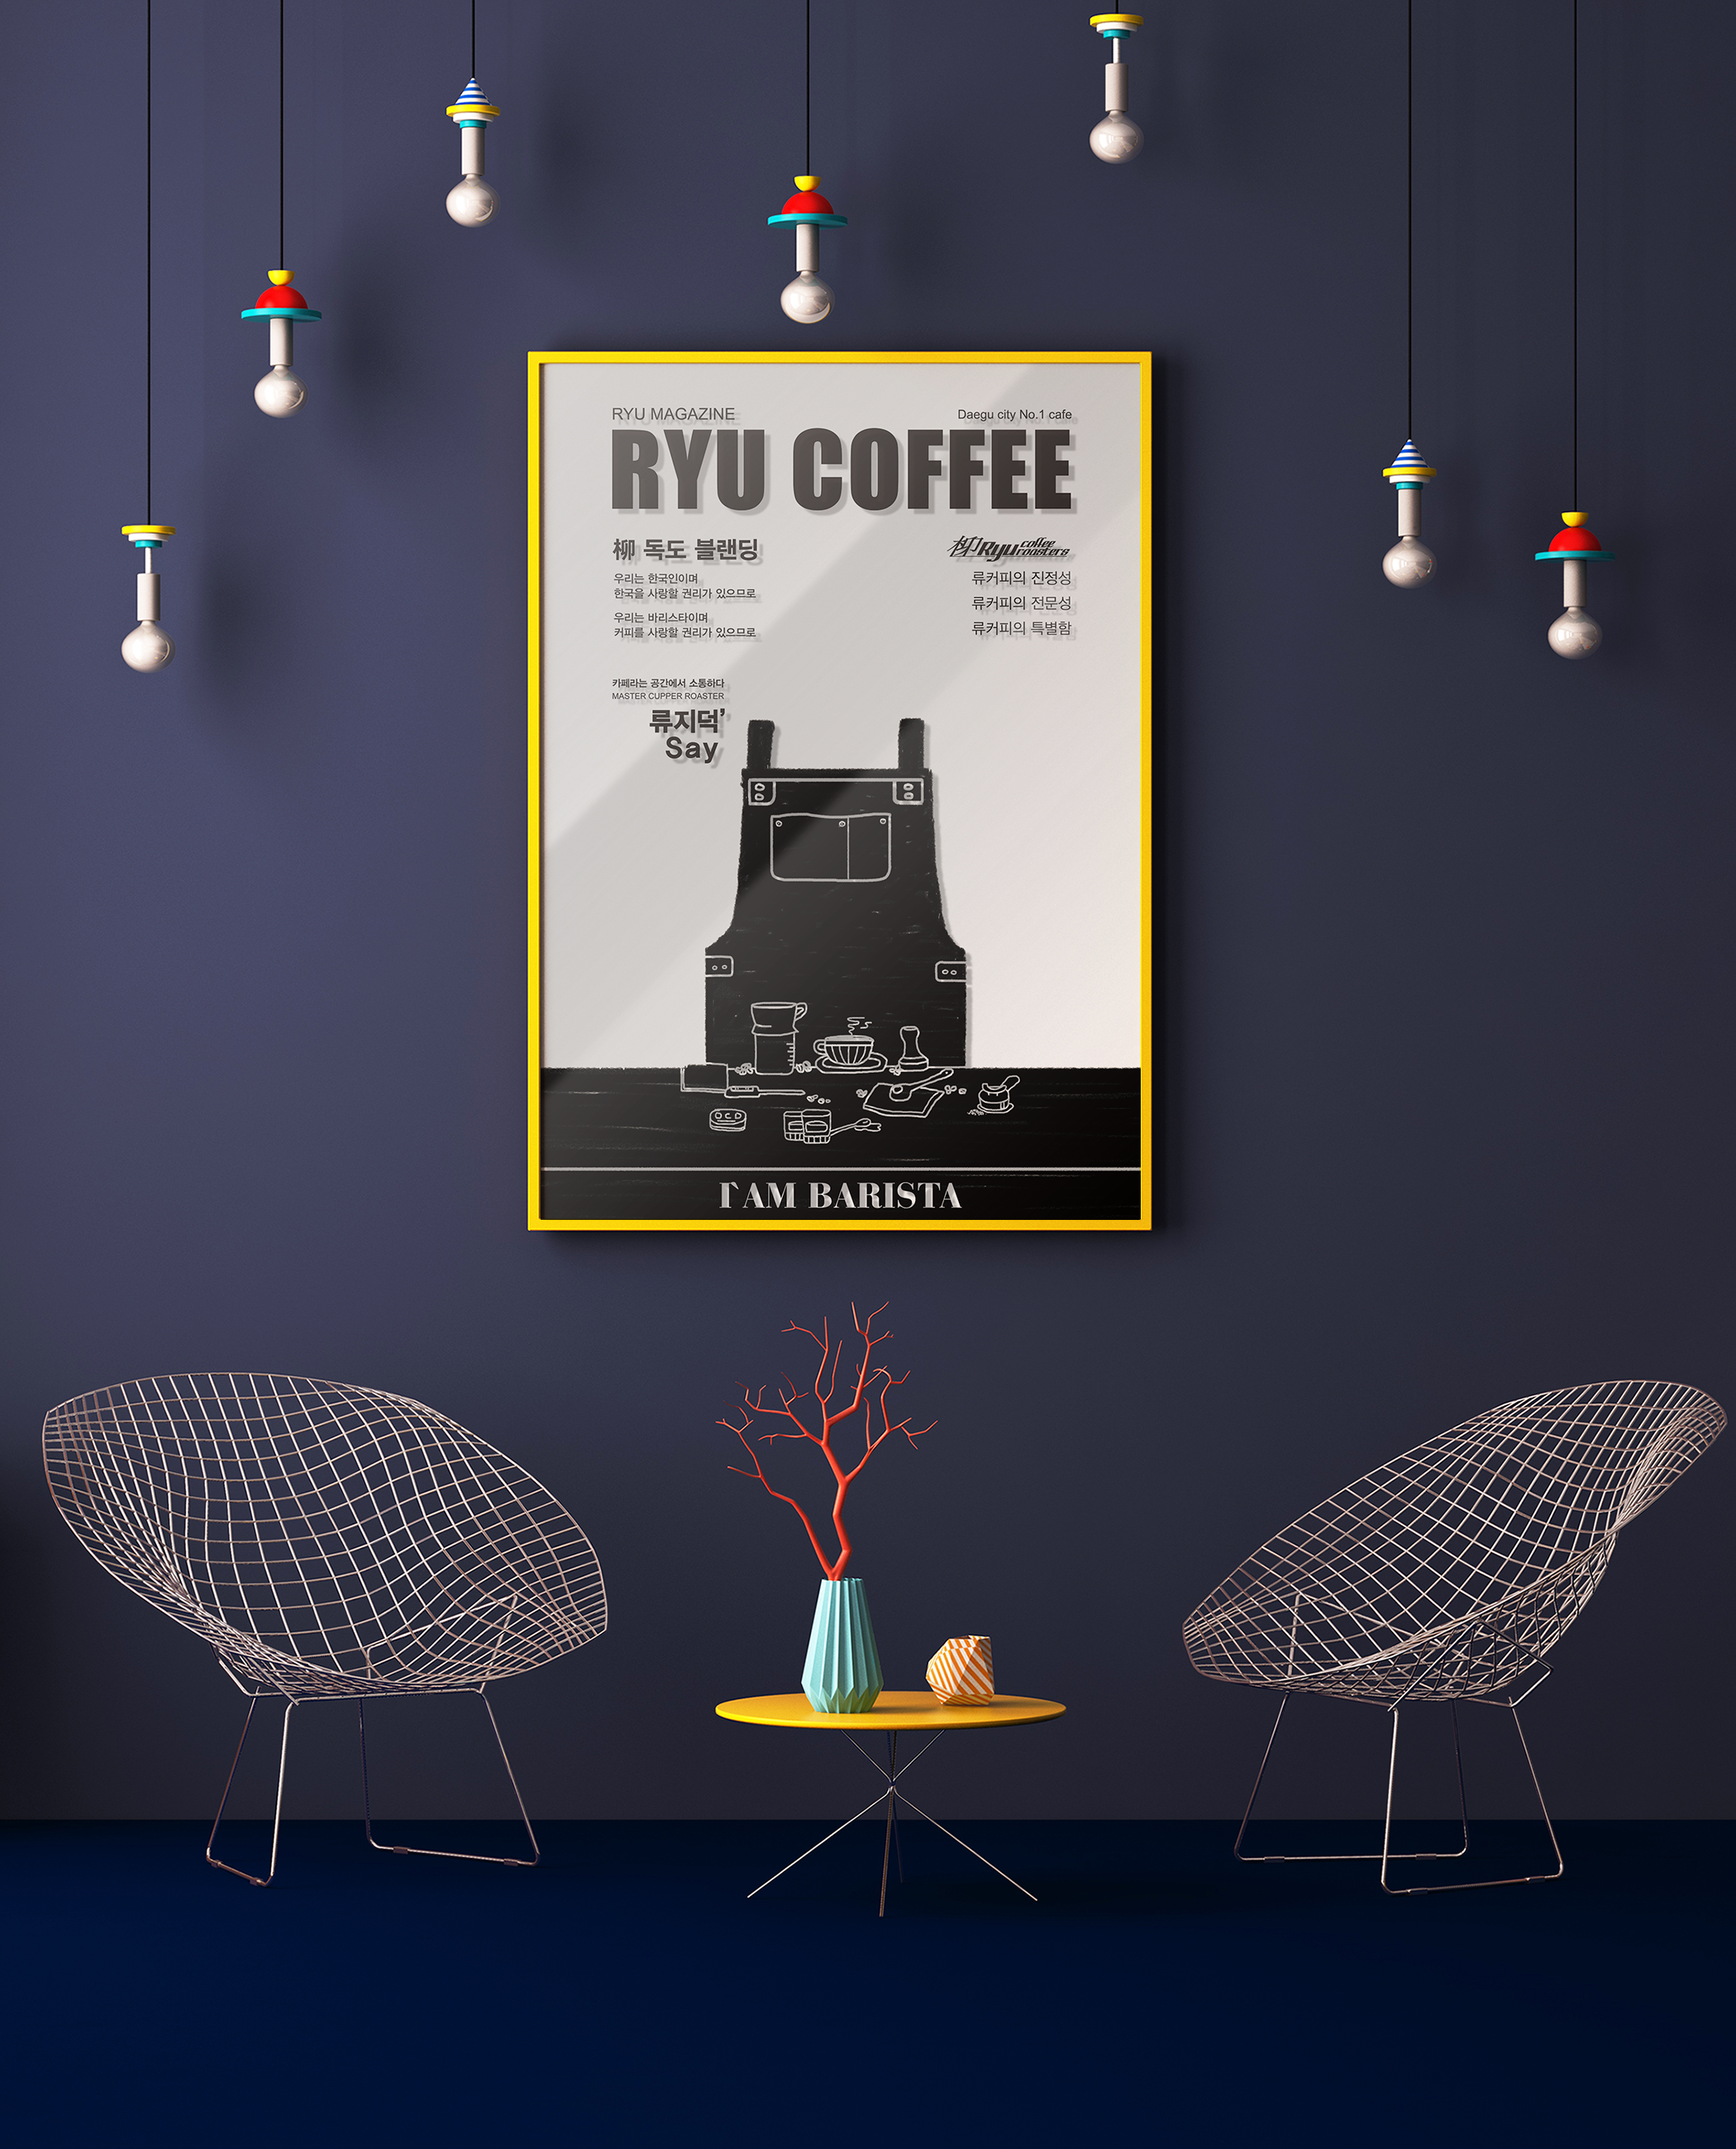 RYU COFFEE